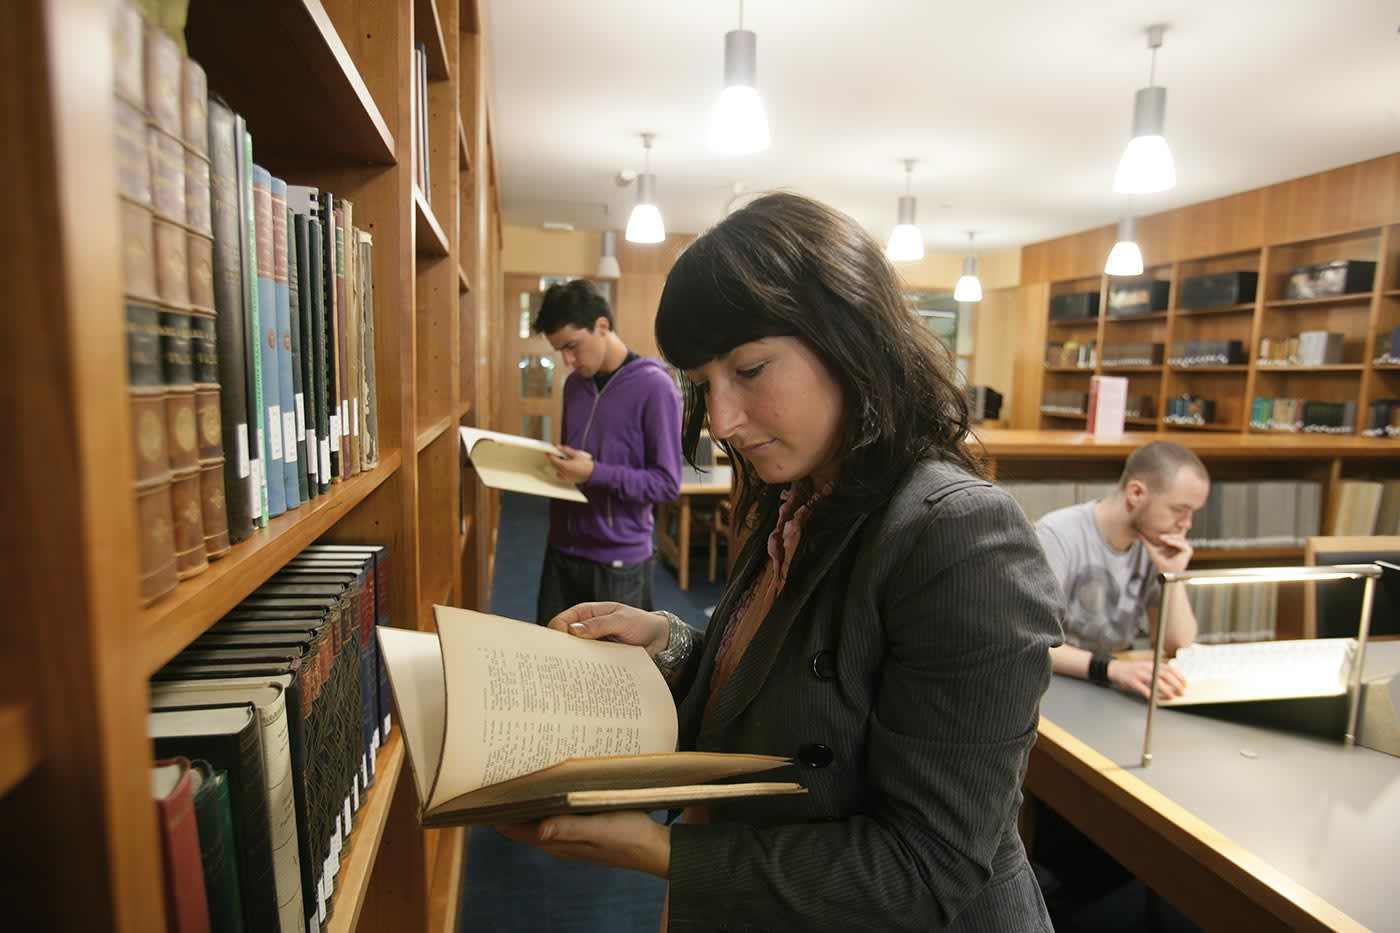 屡获殊荣的大学图书馆